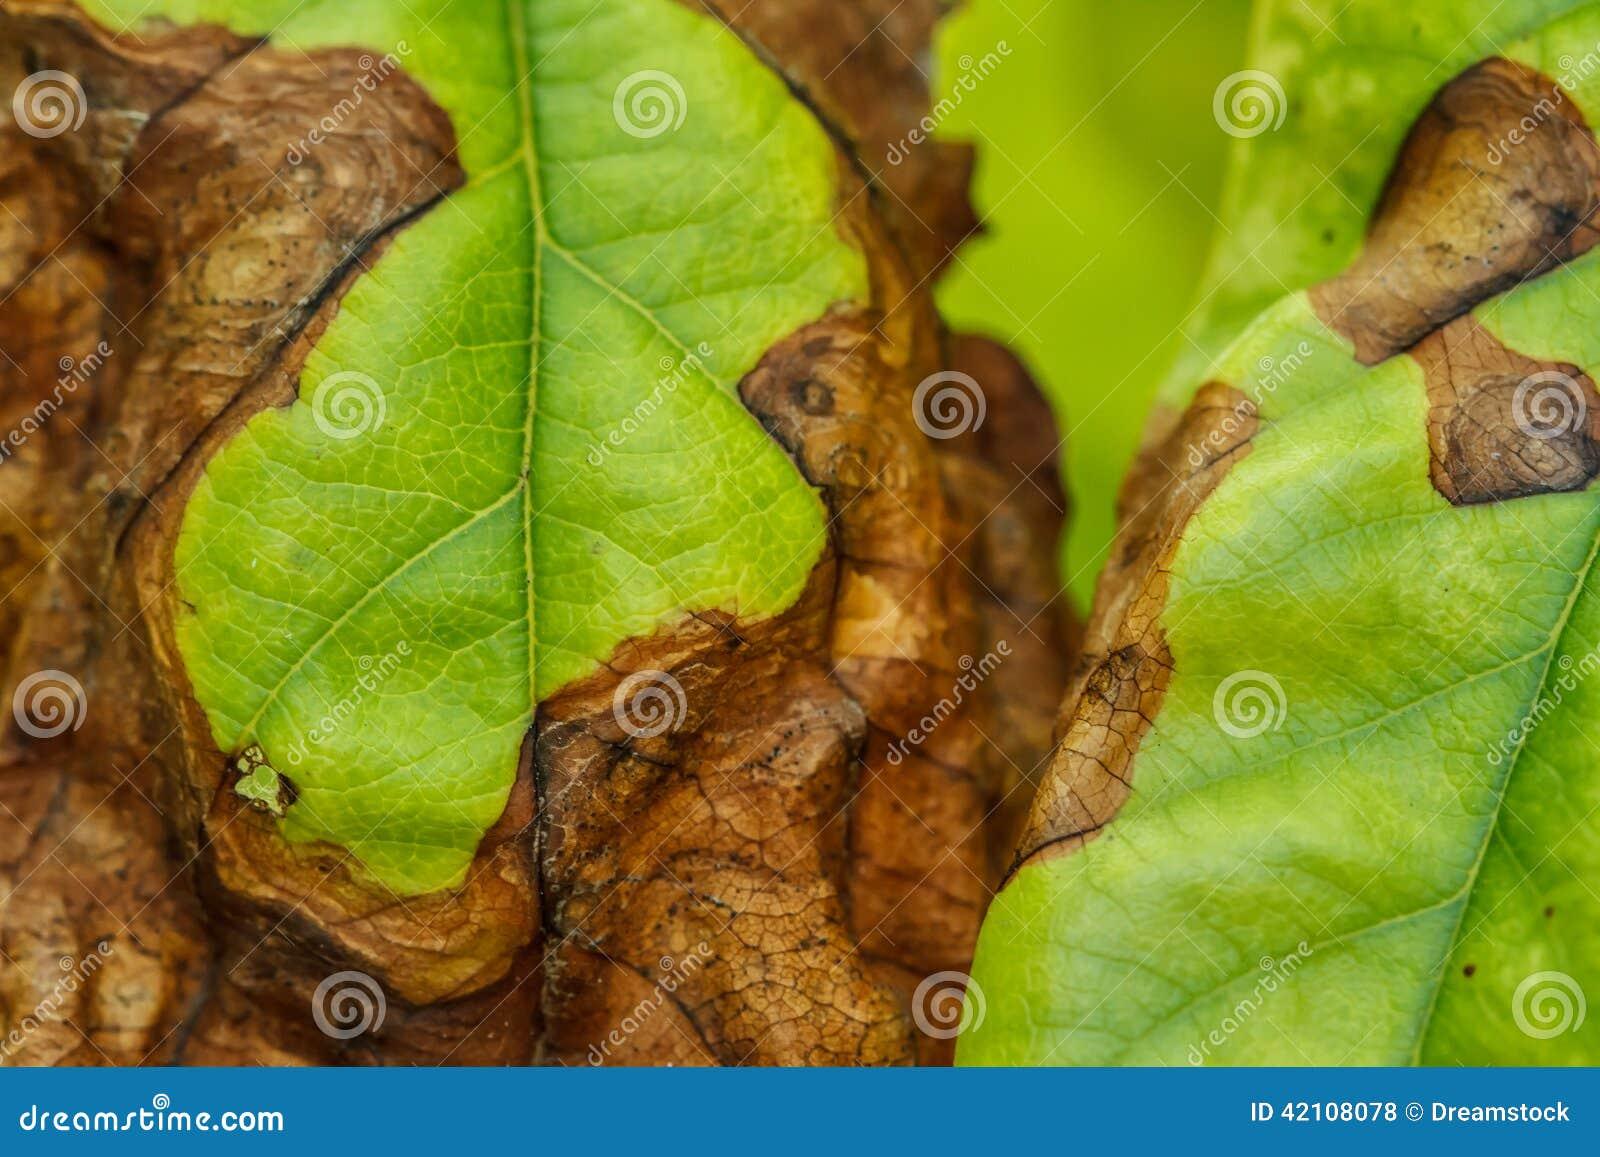 La maladie des arbres fruitiers photo stock image 42108078 - Maladie des arbres fruitiers ...